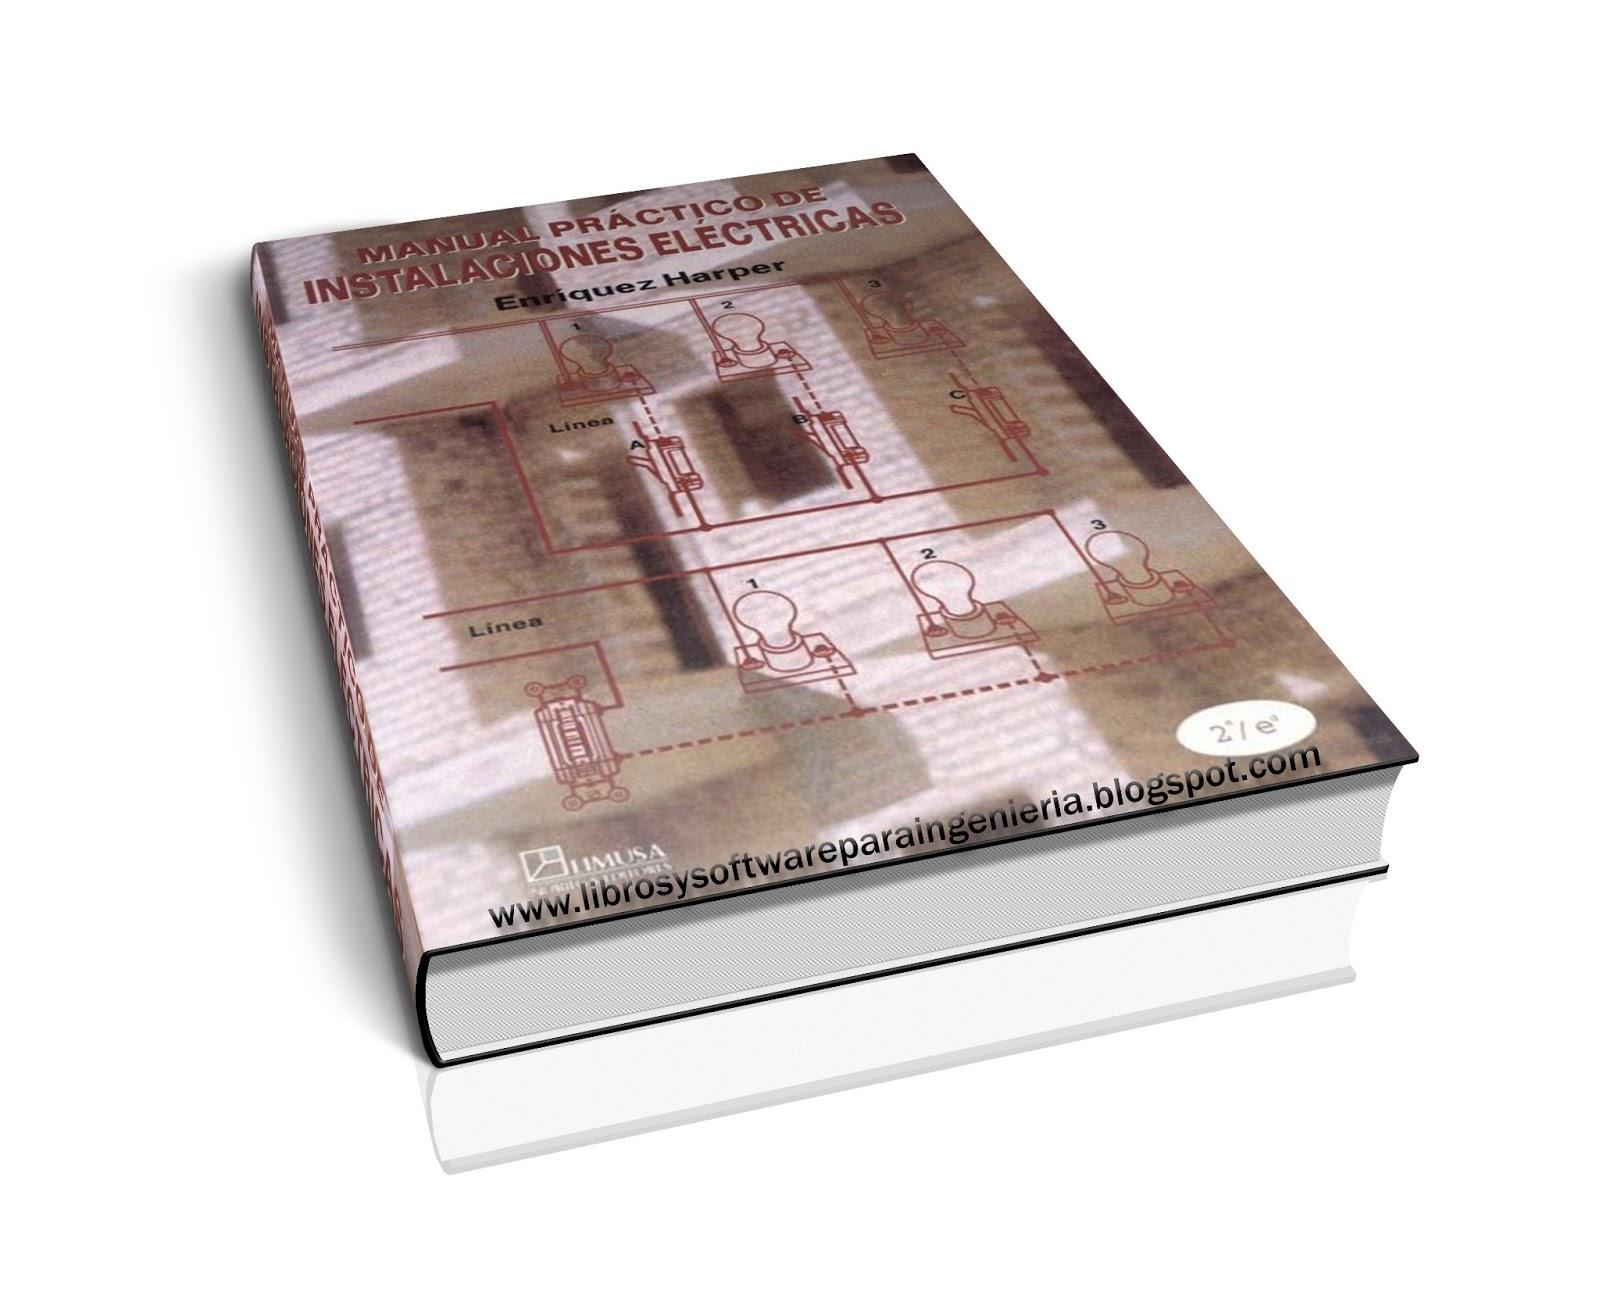 Manual Práctico de Instalaciones Eléctricas - Enríquez Harper [2da Ed]